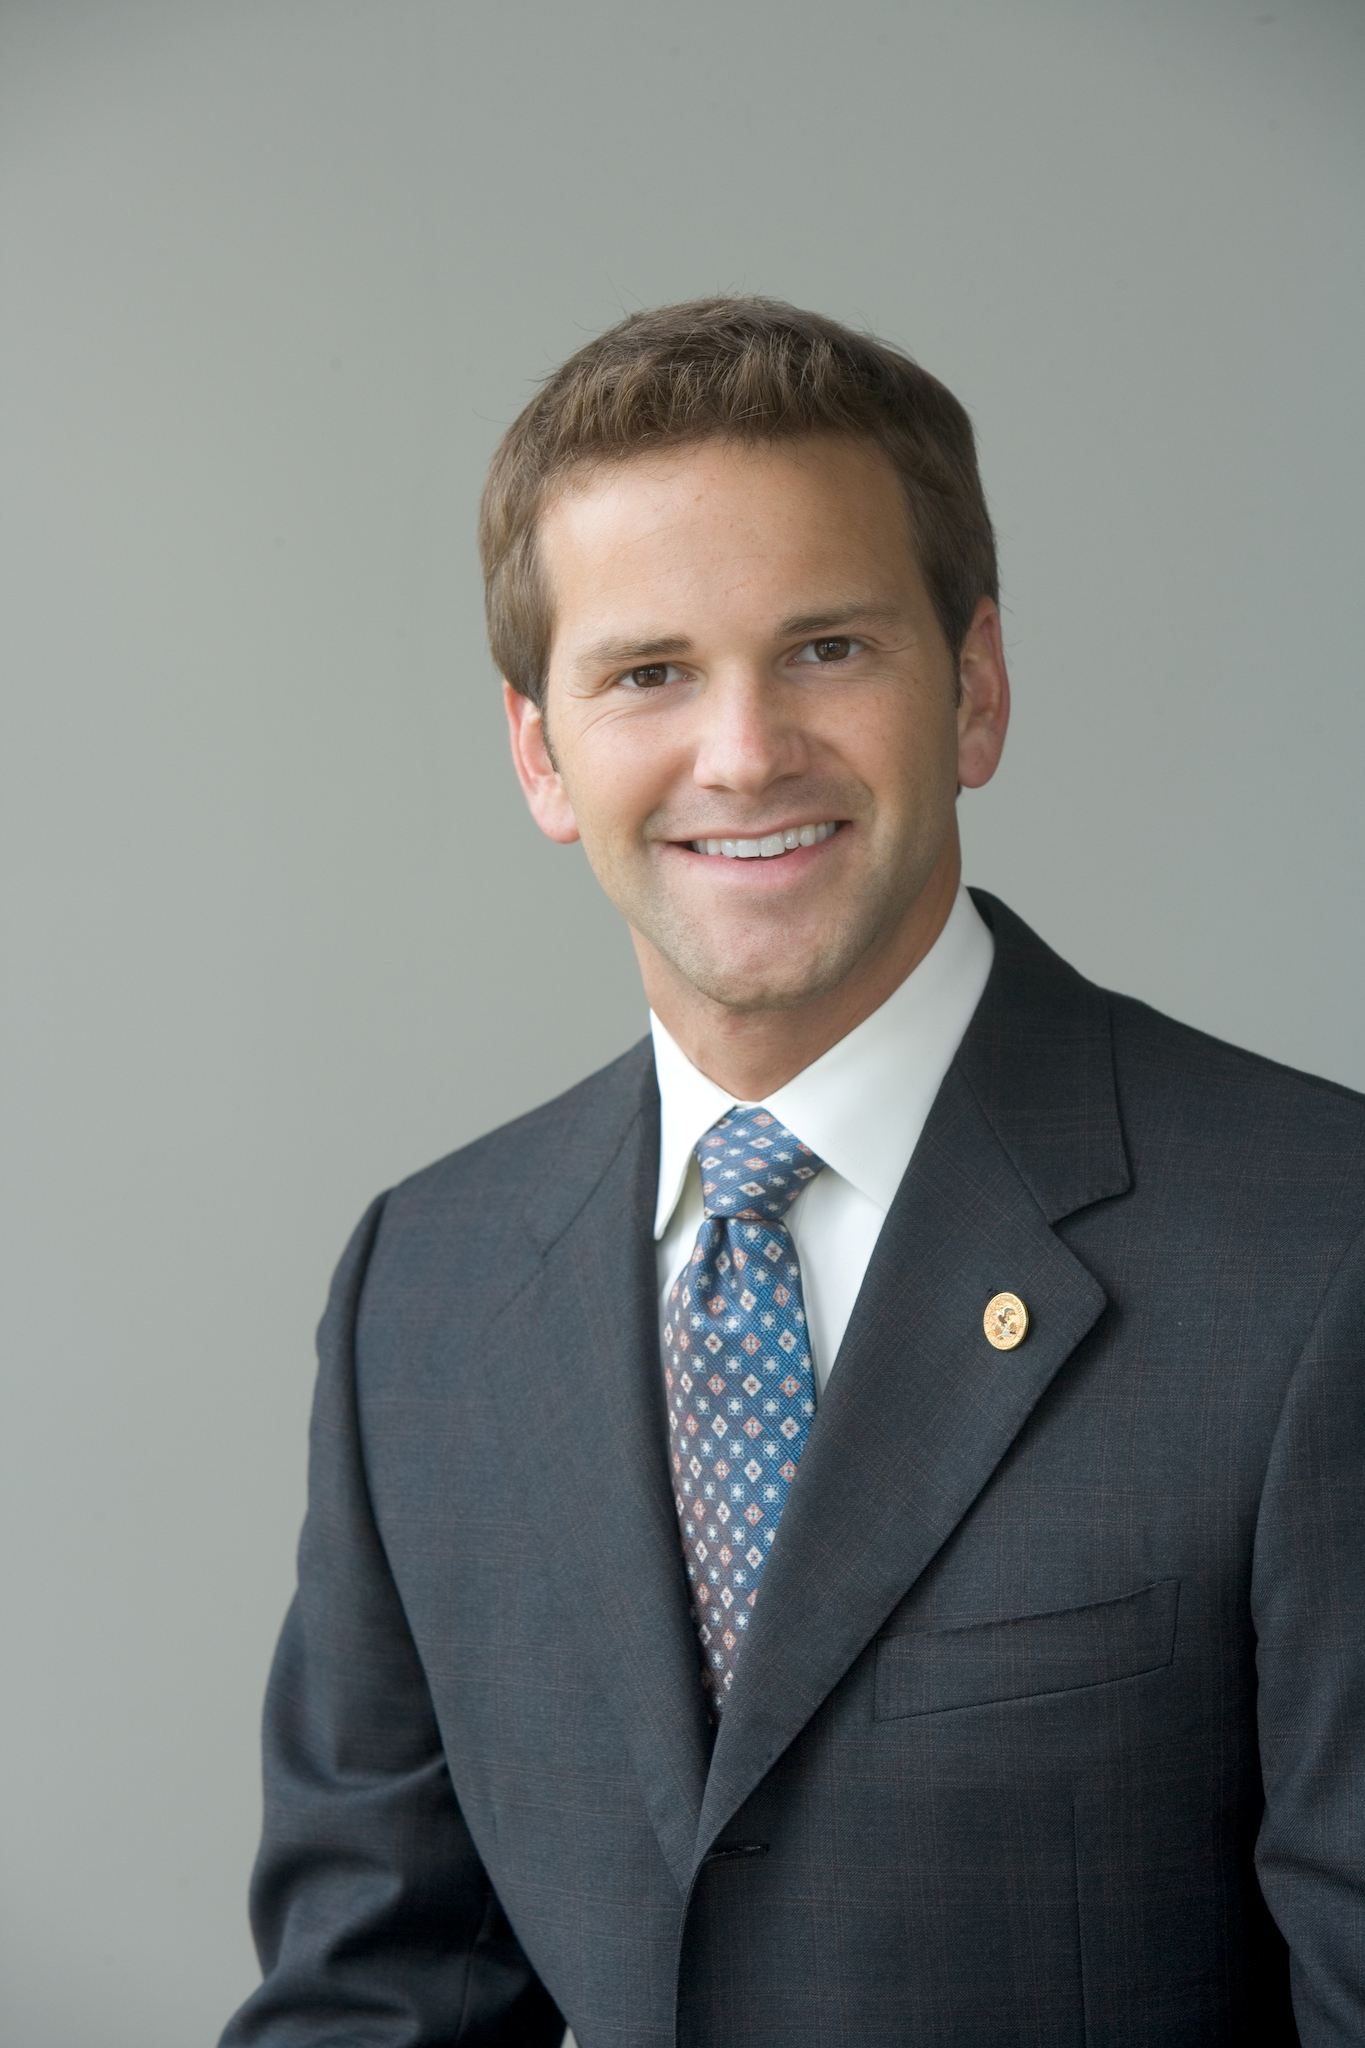 Congressman Schock